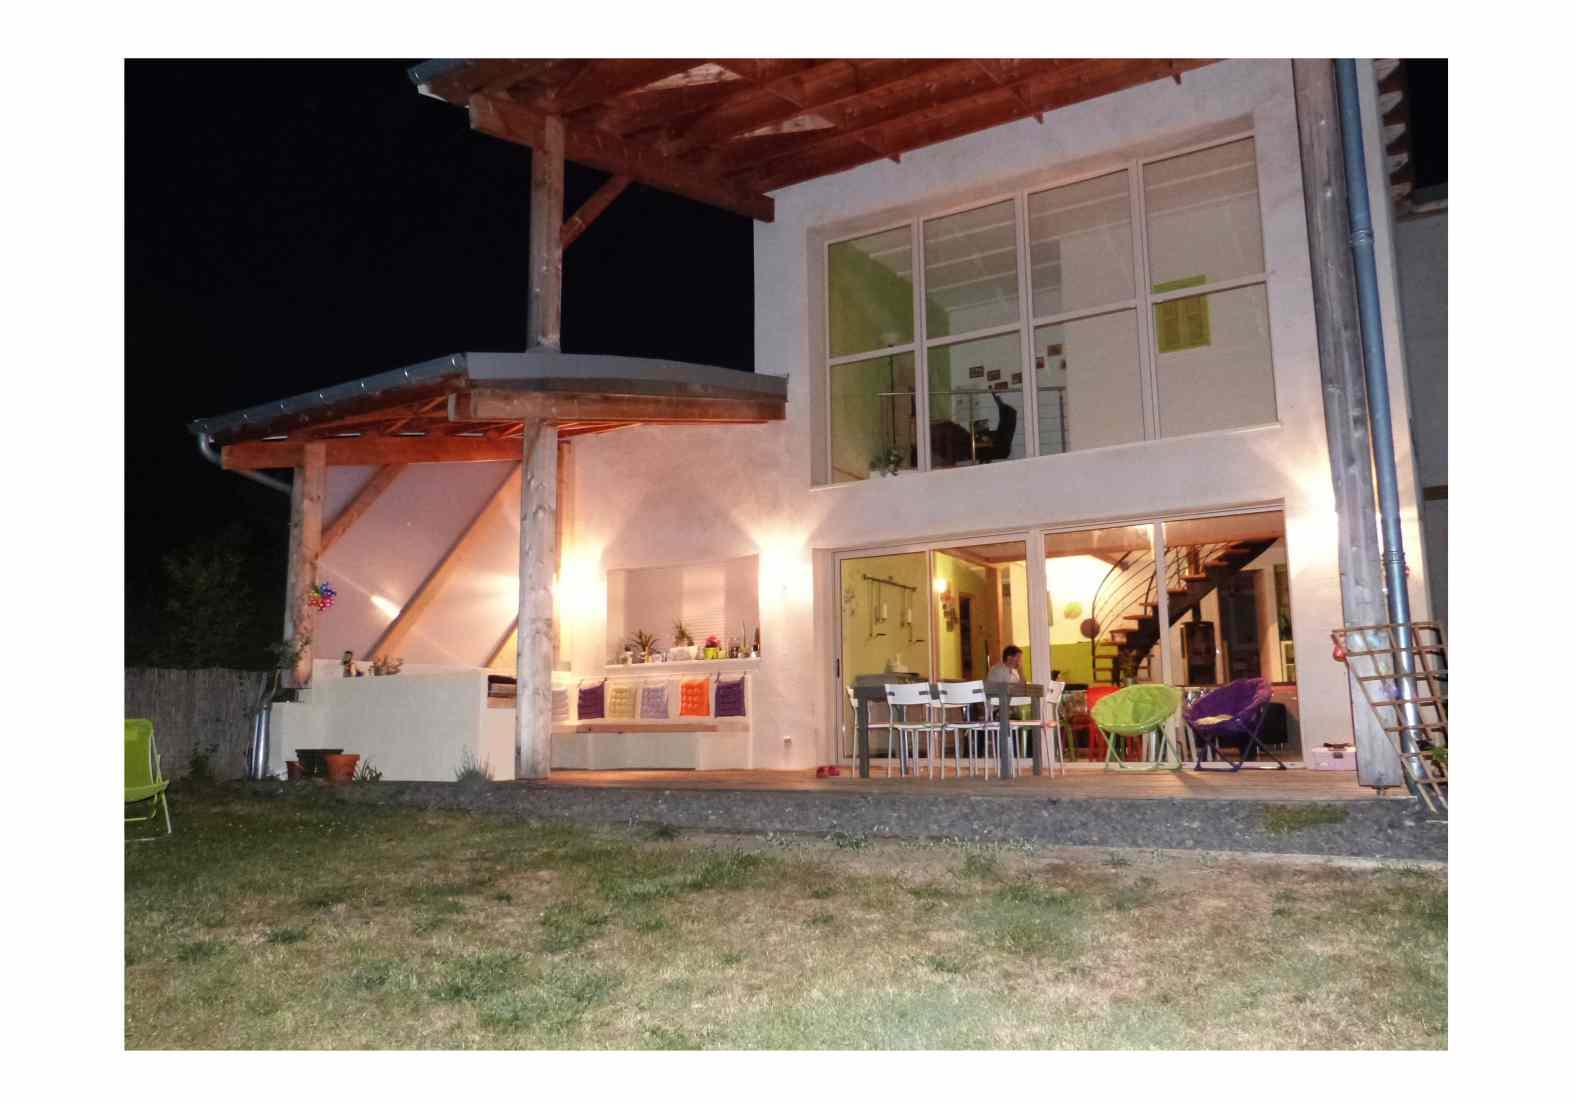 Maison en béton de chanvre à Langeac